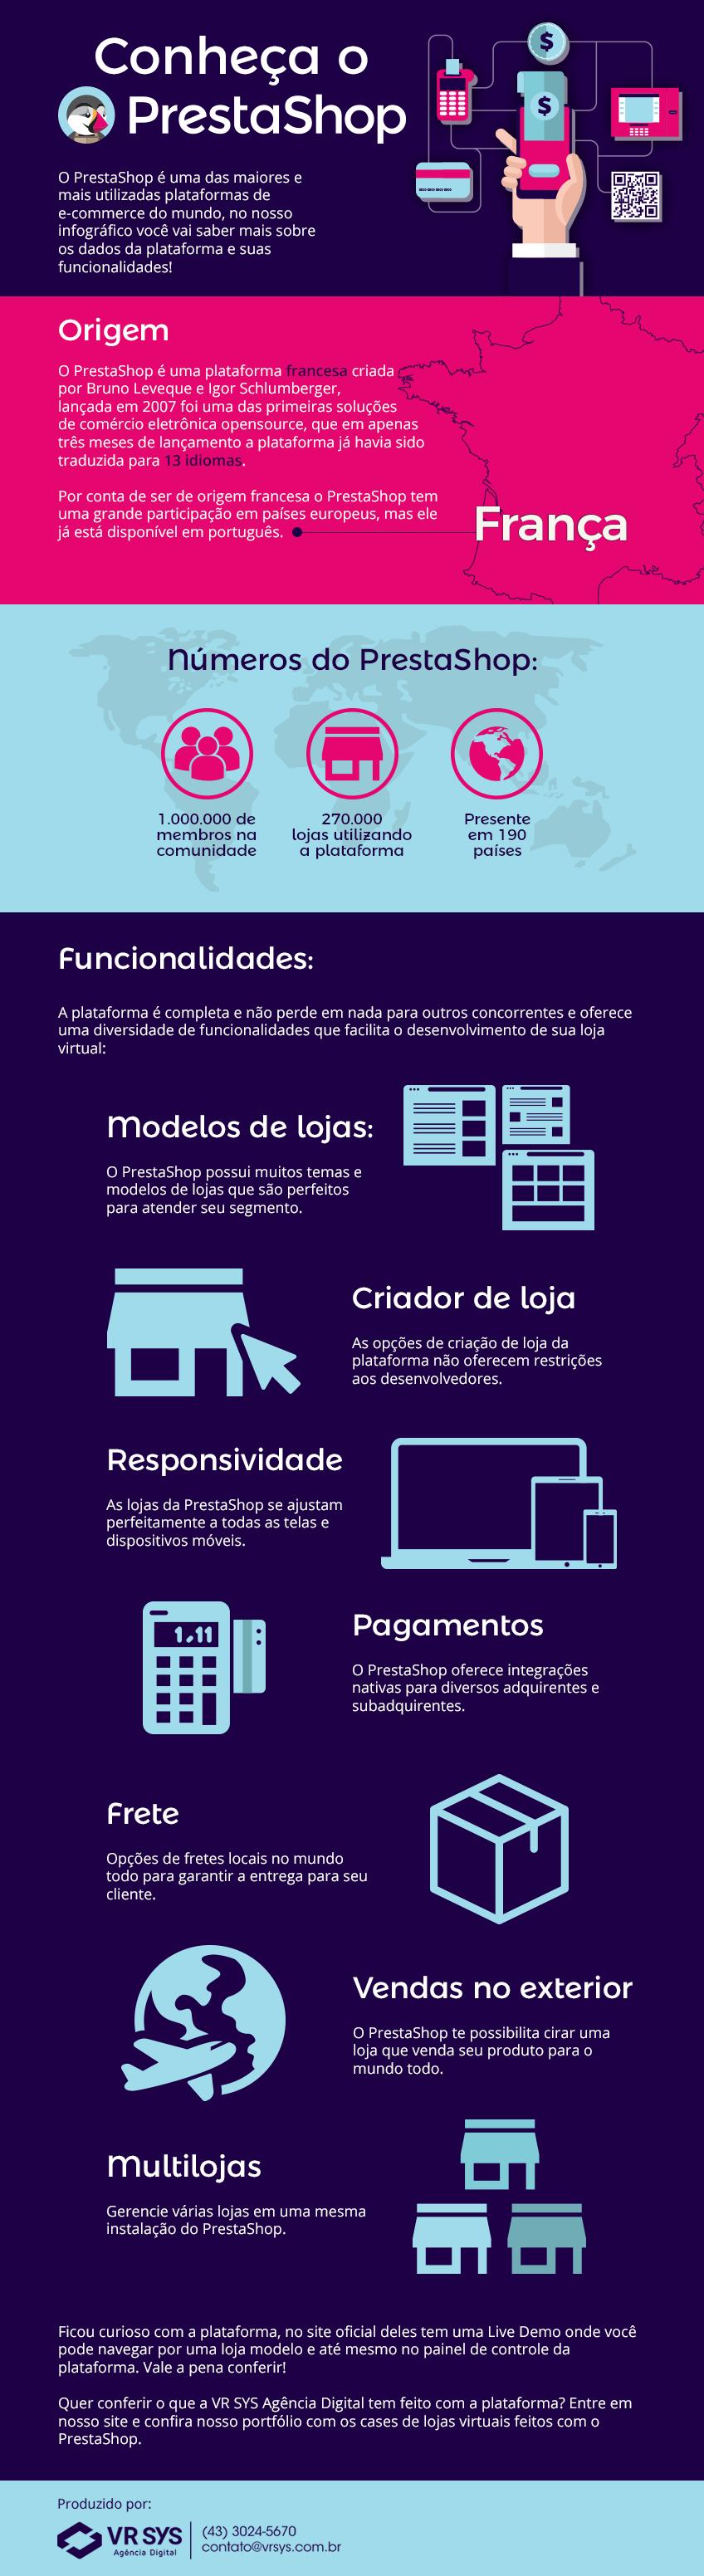 Conheça o PrestaShop, sua próxima plataforma de e-commerce!